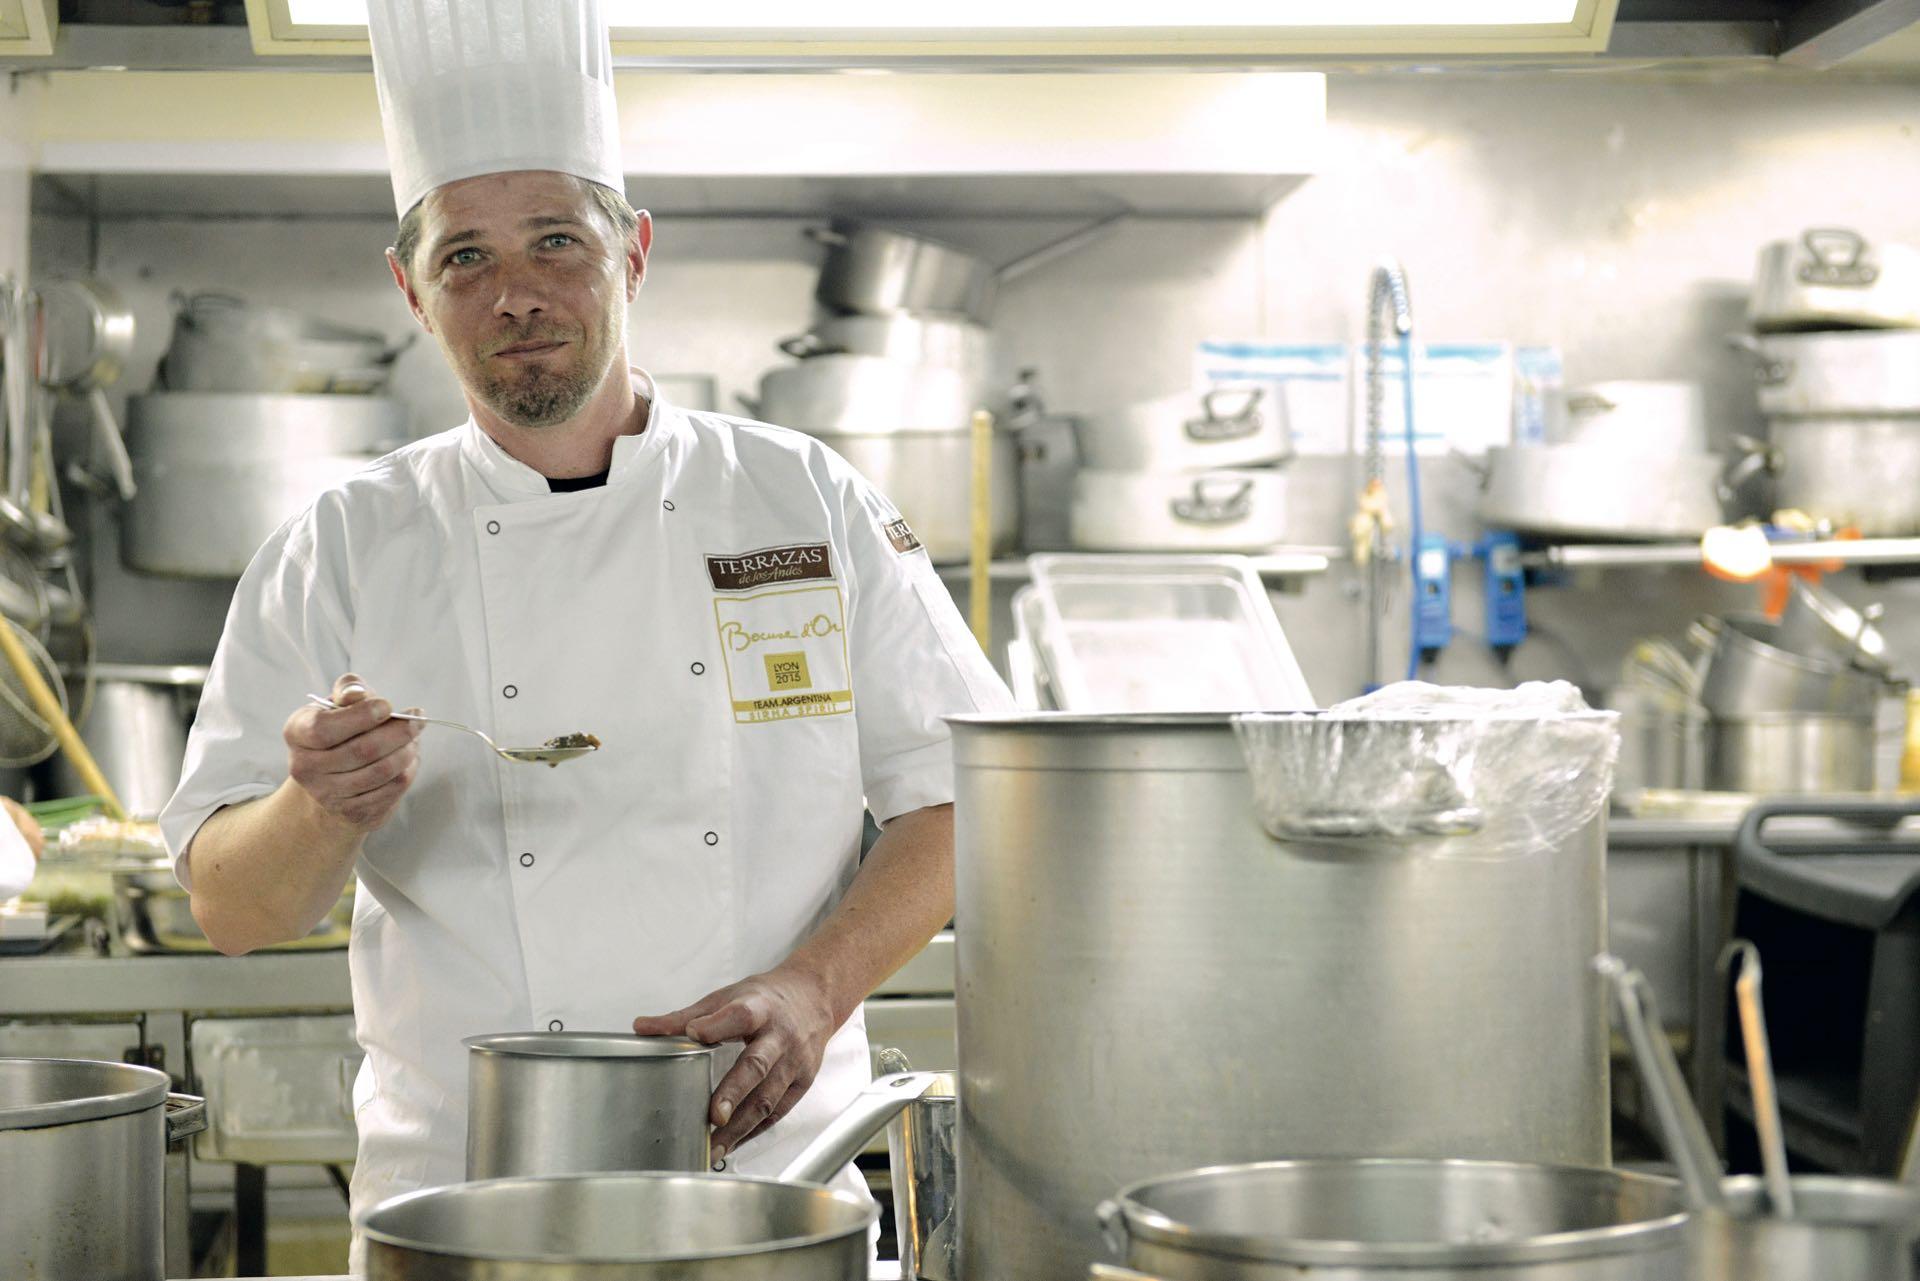 Todos colaboraron con Emiliano Schobert, director de la escuela El Obrador, de Bariloche, que el 29 de enero competirá por el premio más importante de la gastronomía mundial.